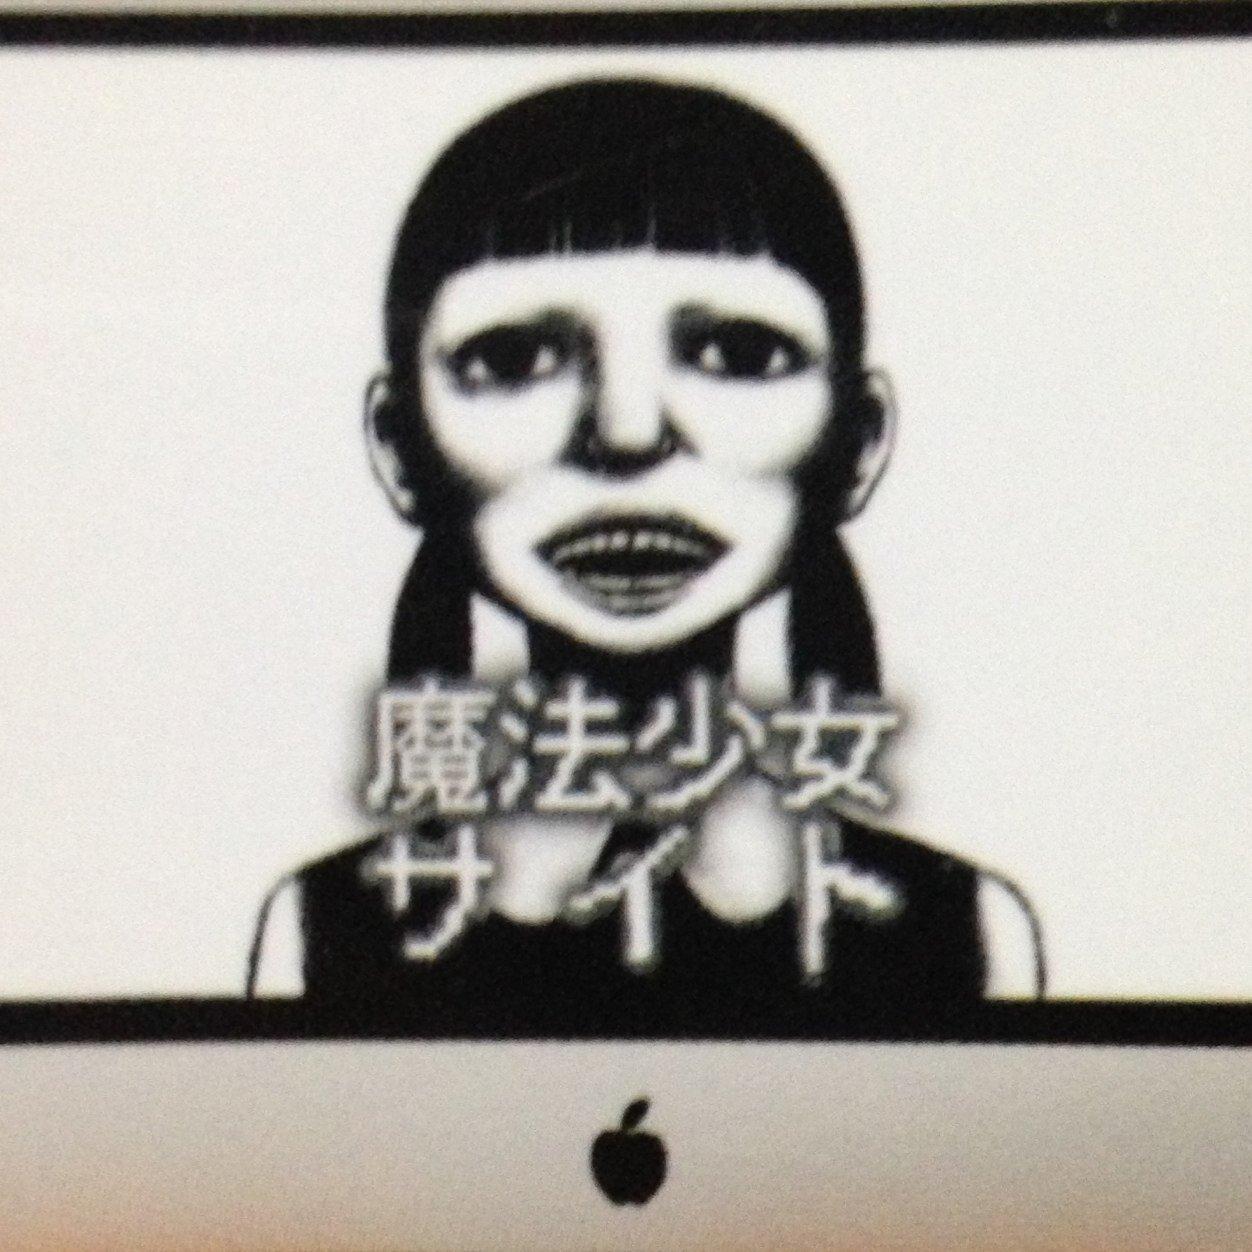 魔法少女サイトの画像 p1_36